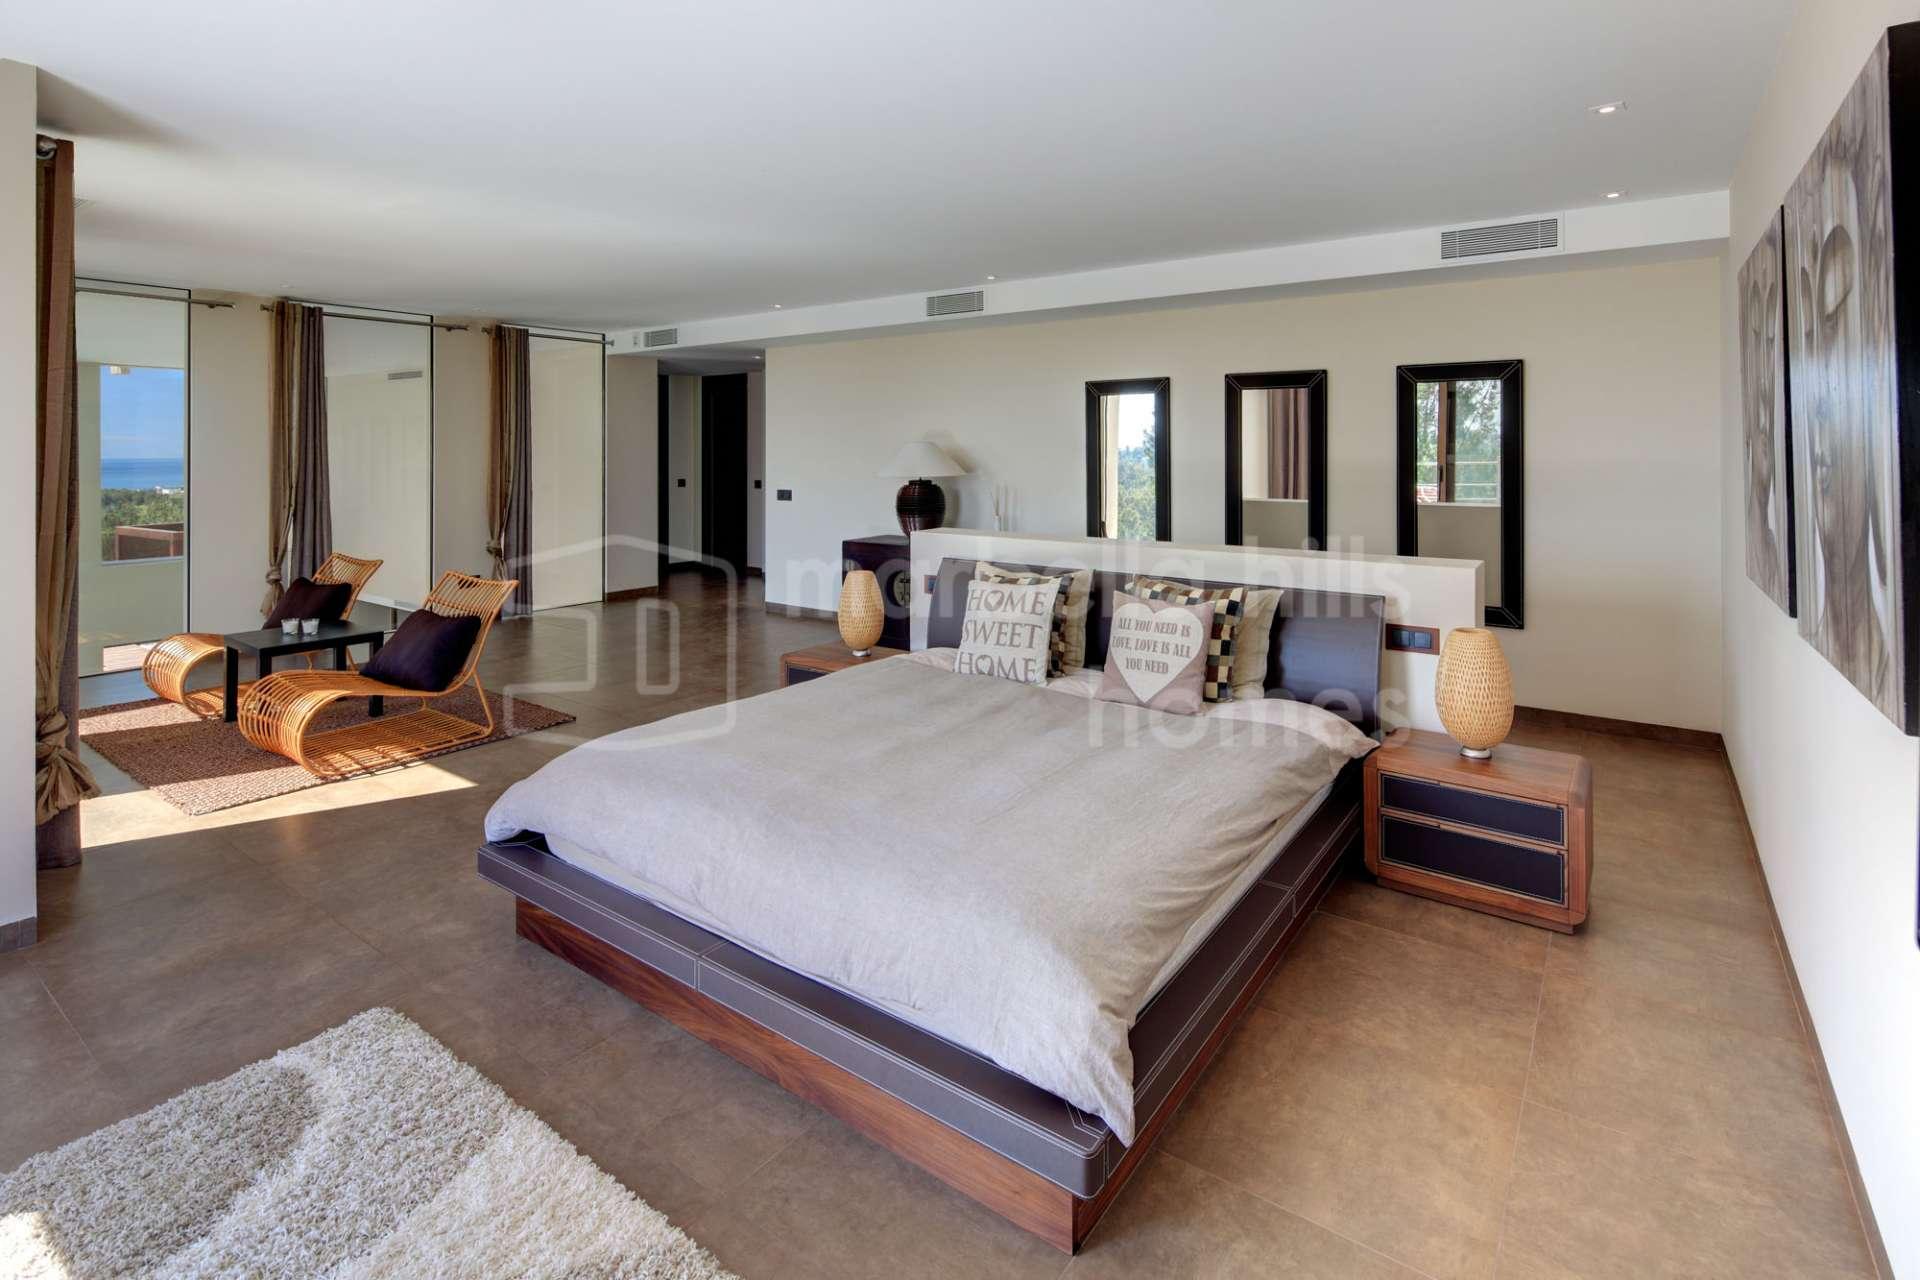 schlafzimmer afrika style gegen m cken im schlafzimmer kopfkissen welches coole bettw sche. Black Bedroom Furniture Sets. Home Design Ideas